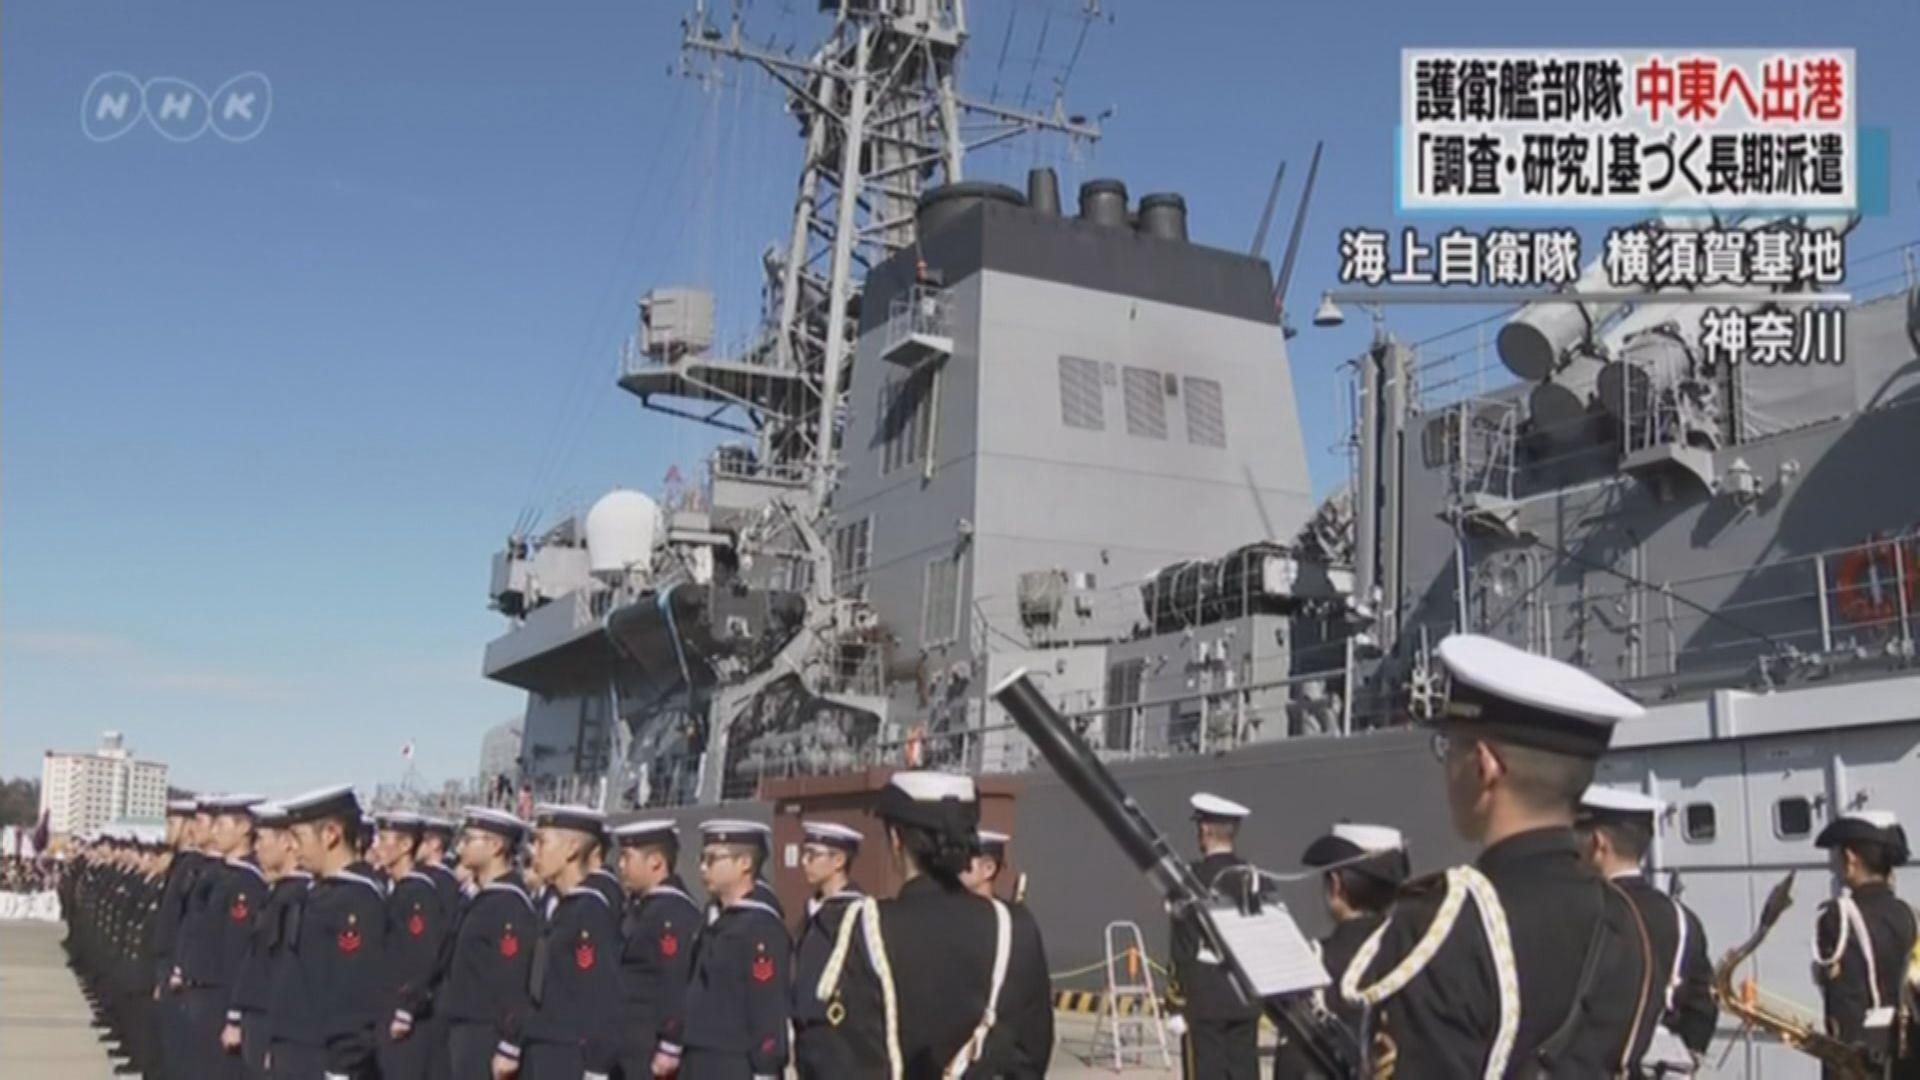 日本護衛艦啟程往中東蒐集情報 Now 新聞